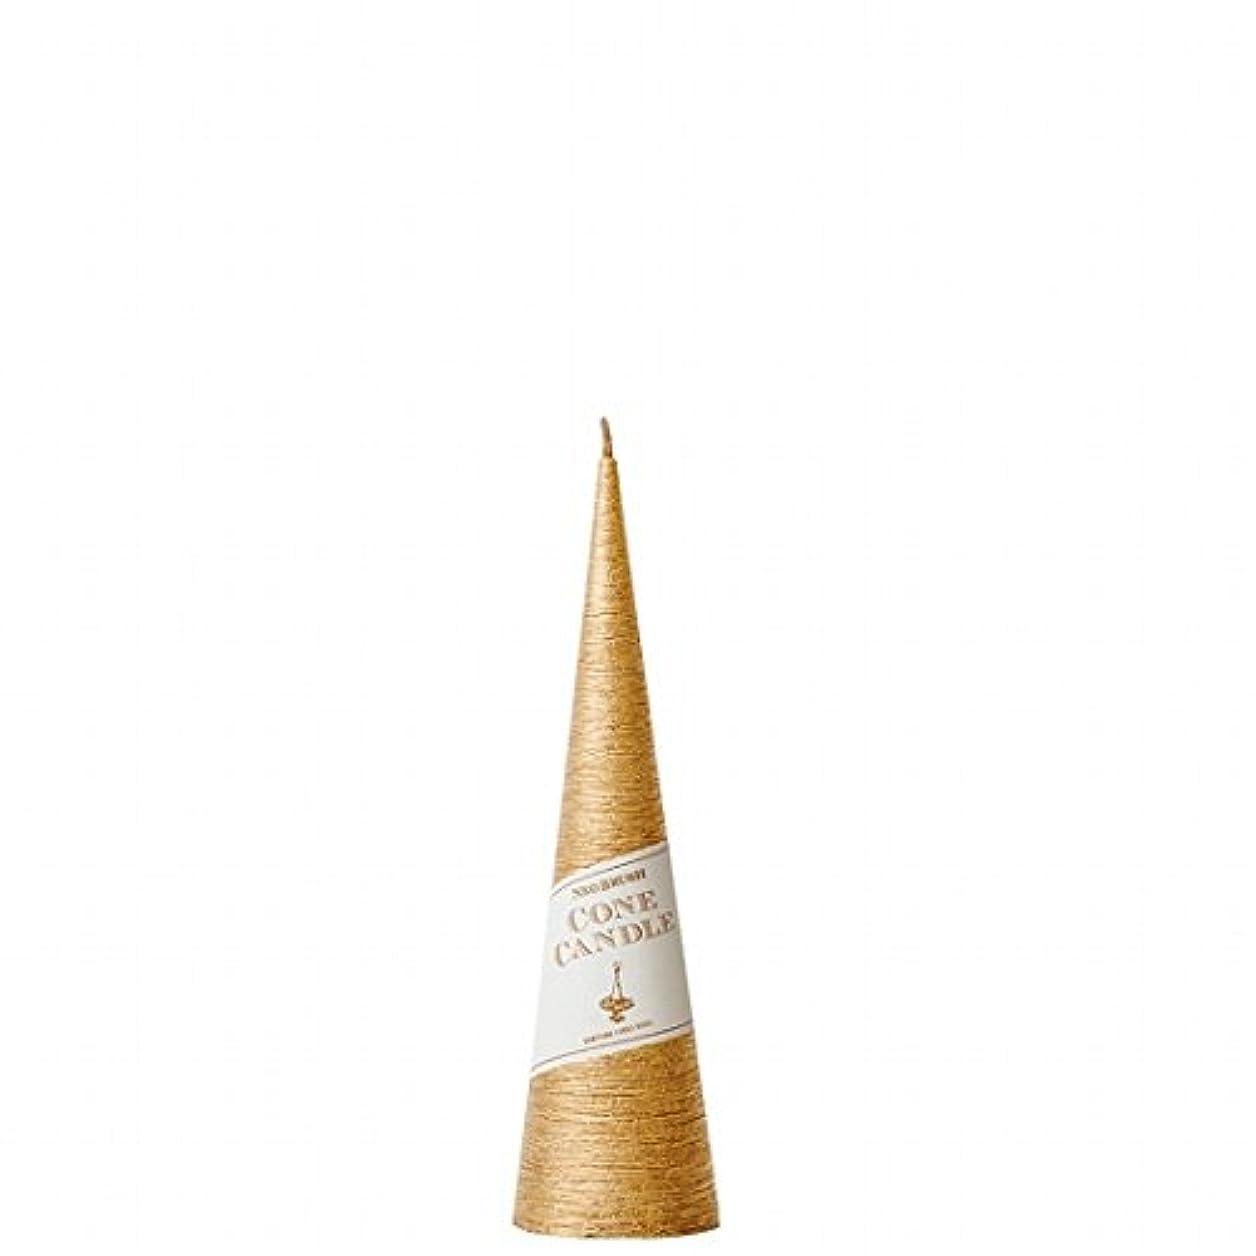 プランテーション空プライバシーカメヤマキャンドル(kameyama candle) ネオブラッシュコーン 180 キャンドル 「 ゴールド 」 6個セット